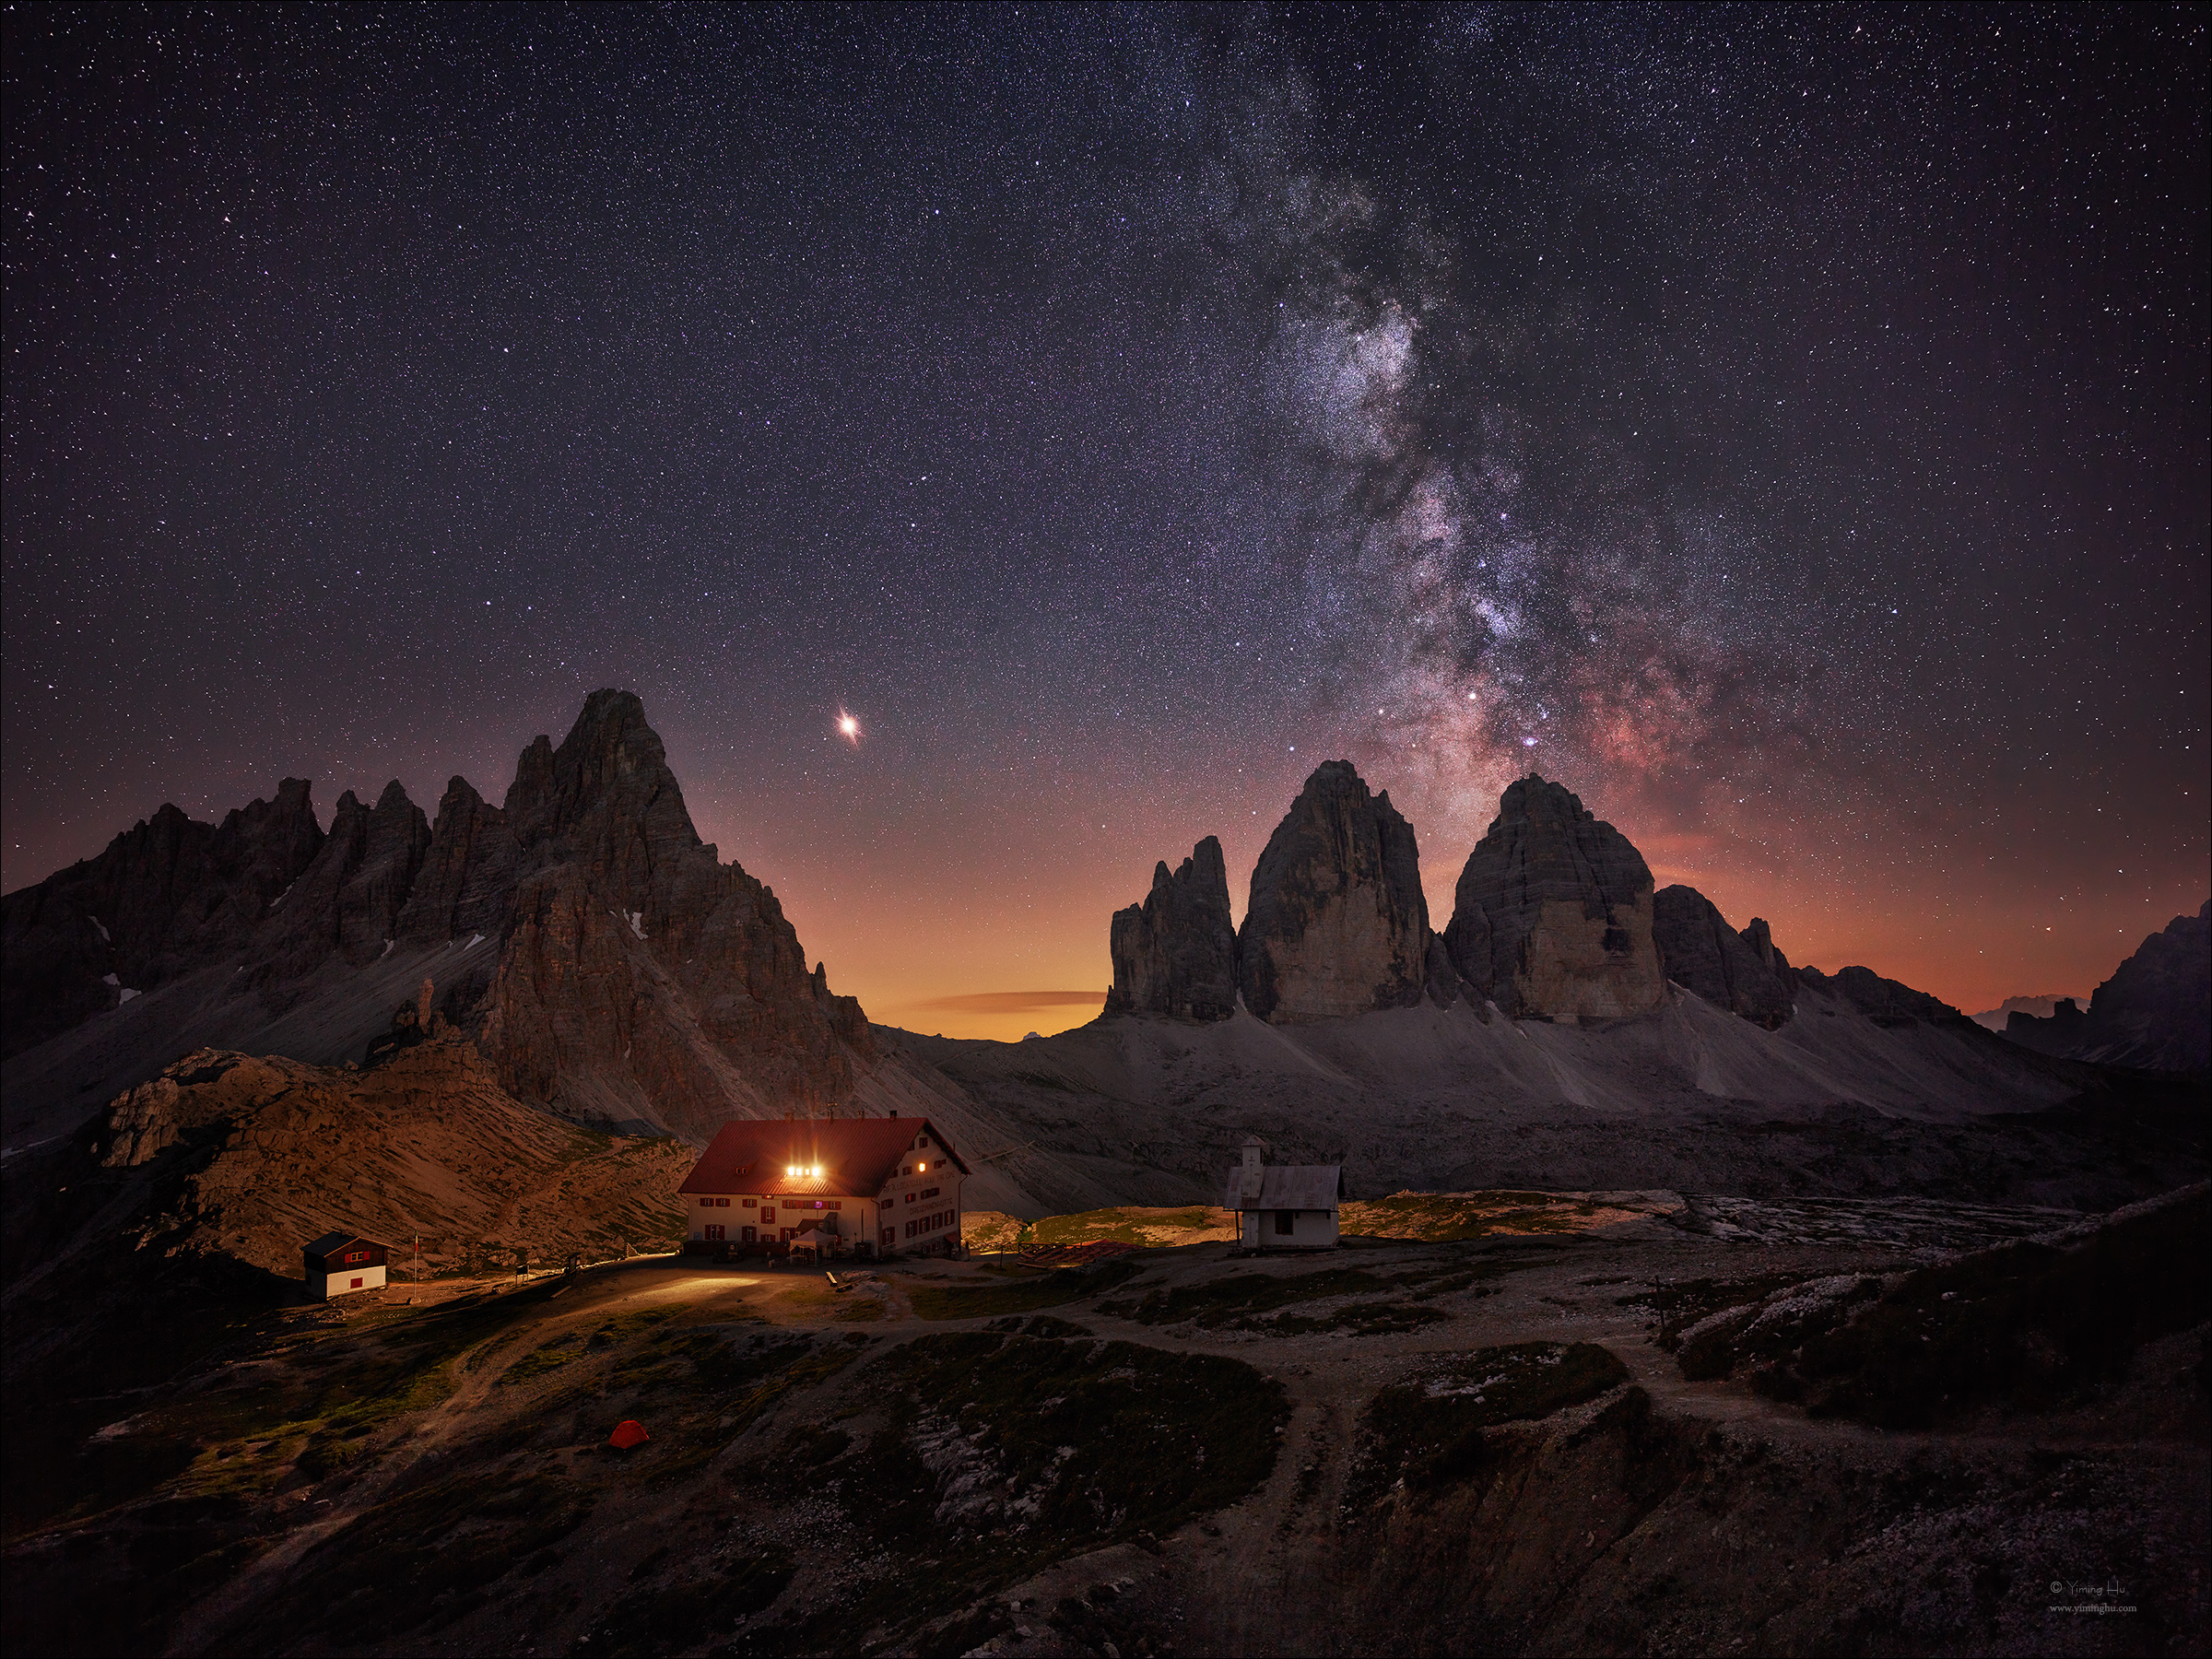 Hu The Grand Landscape